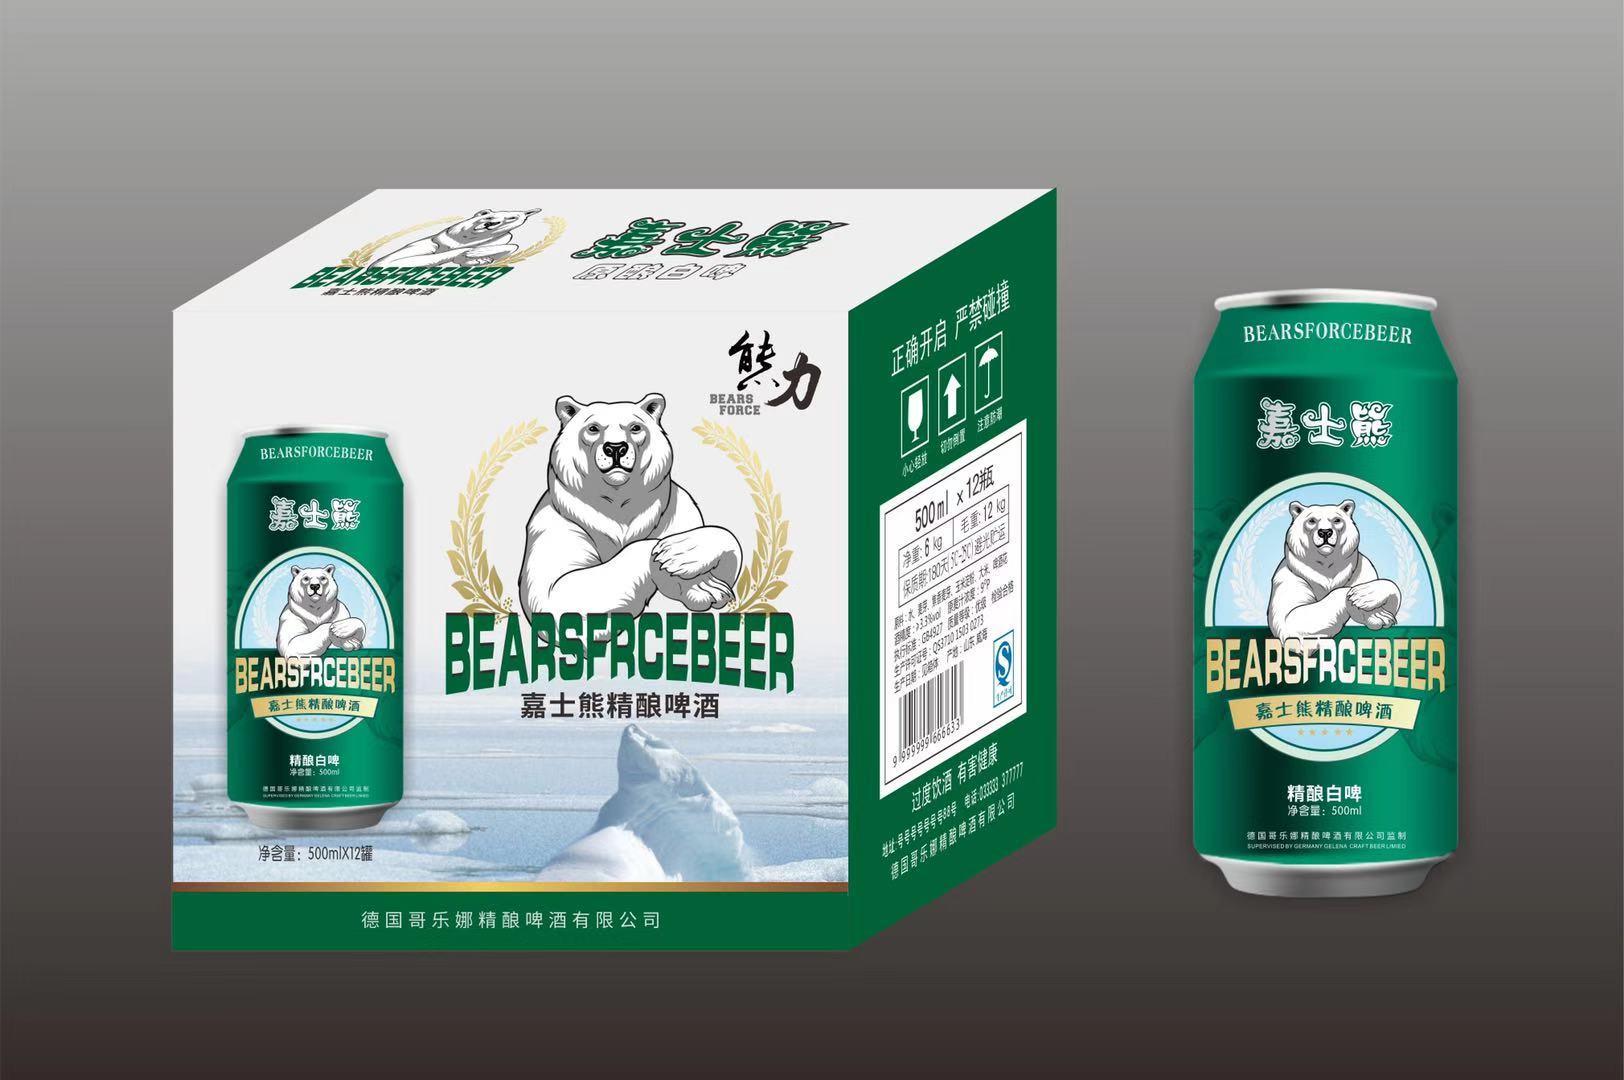 嘉士熊啤酒500ml易拉罐啤酒